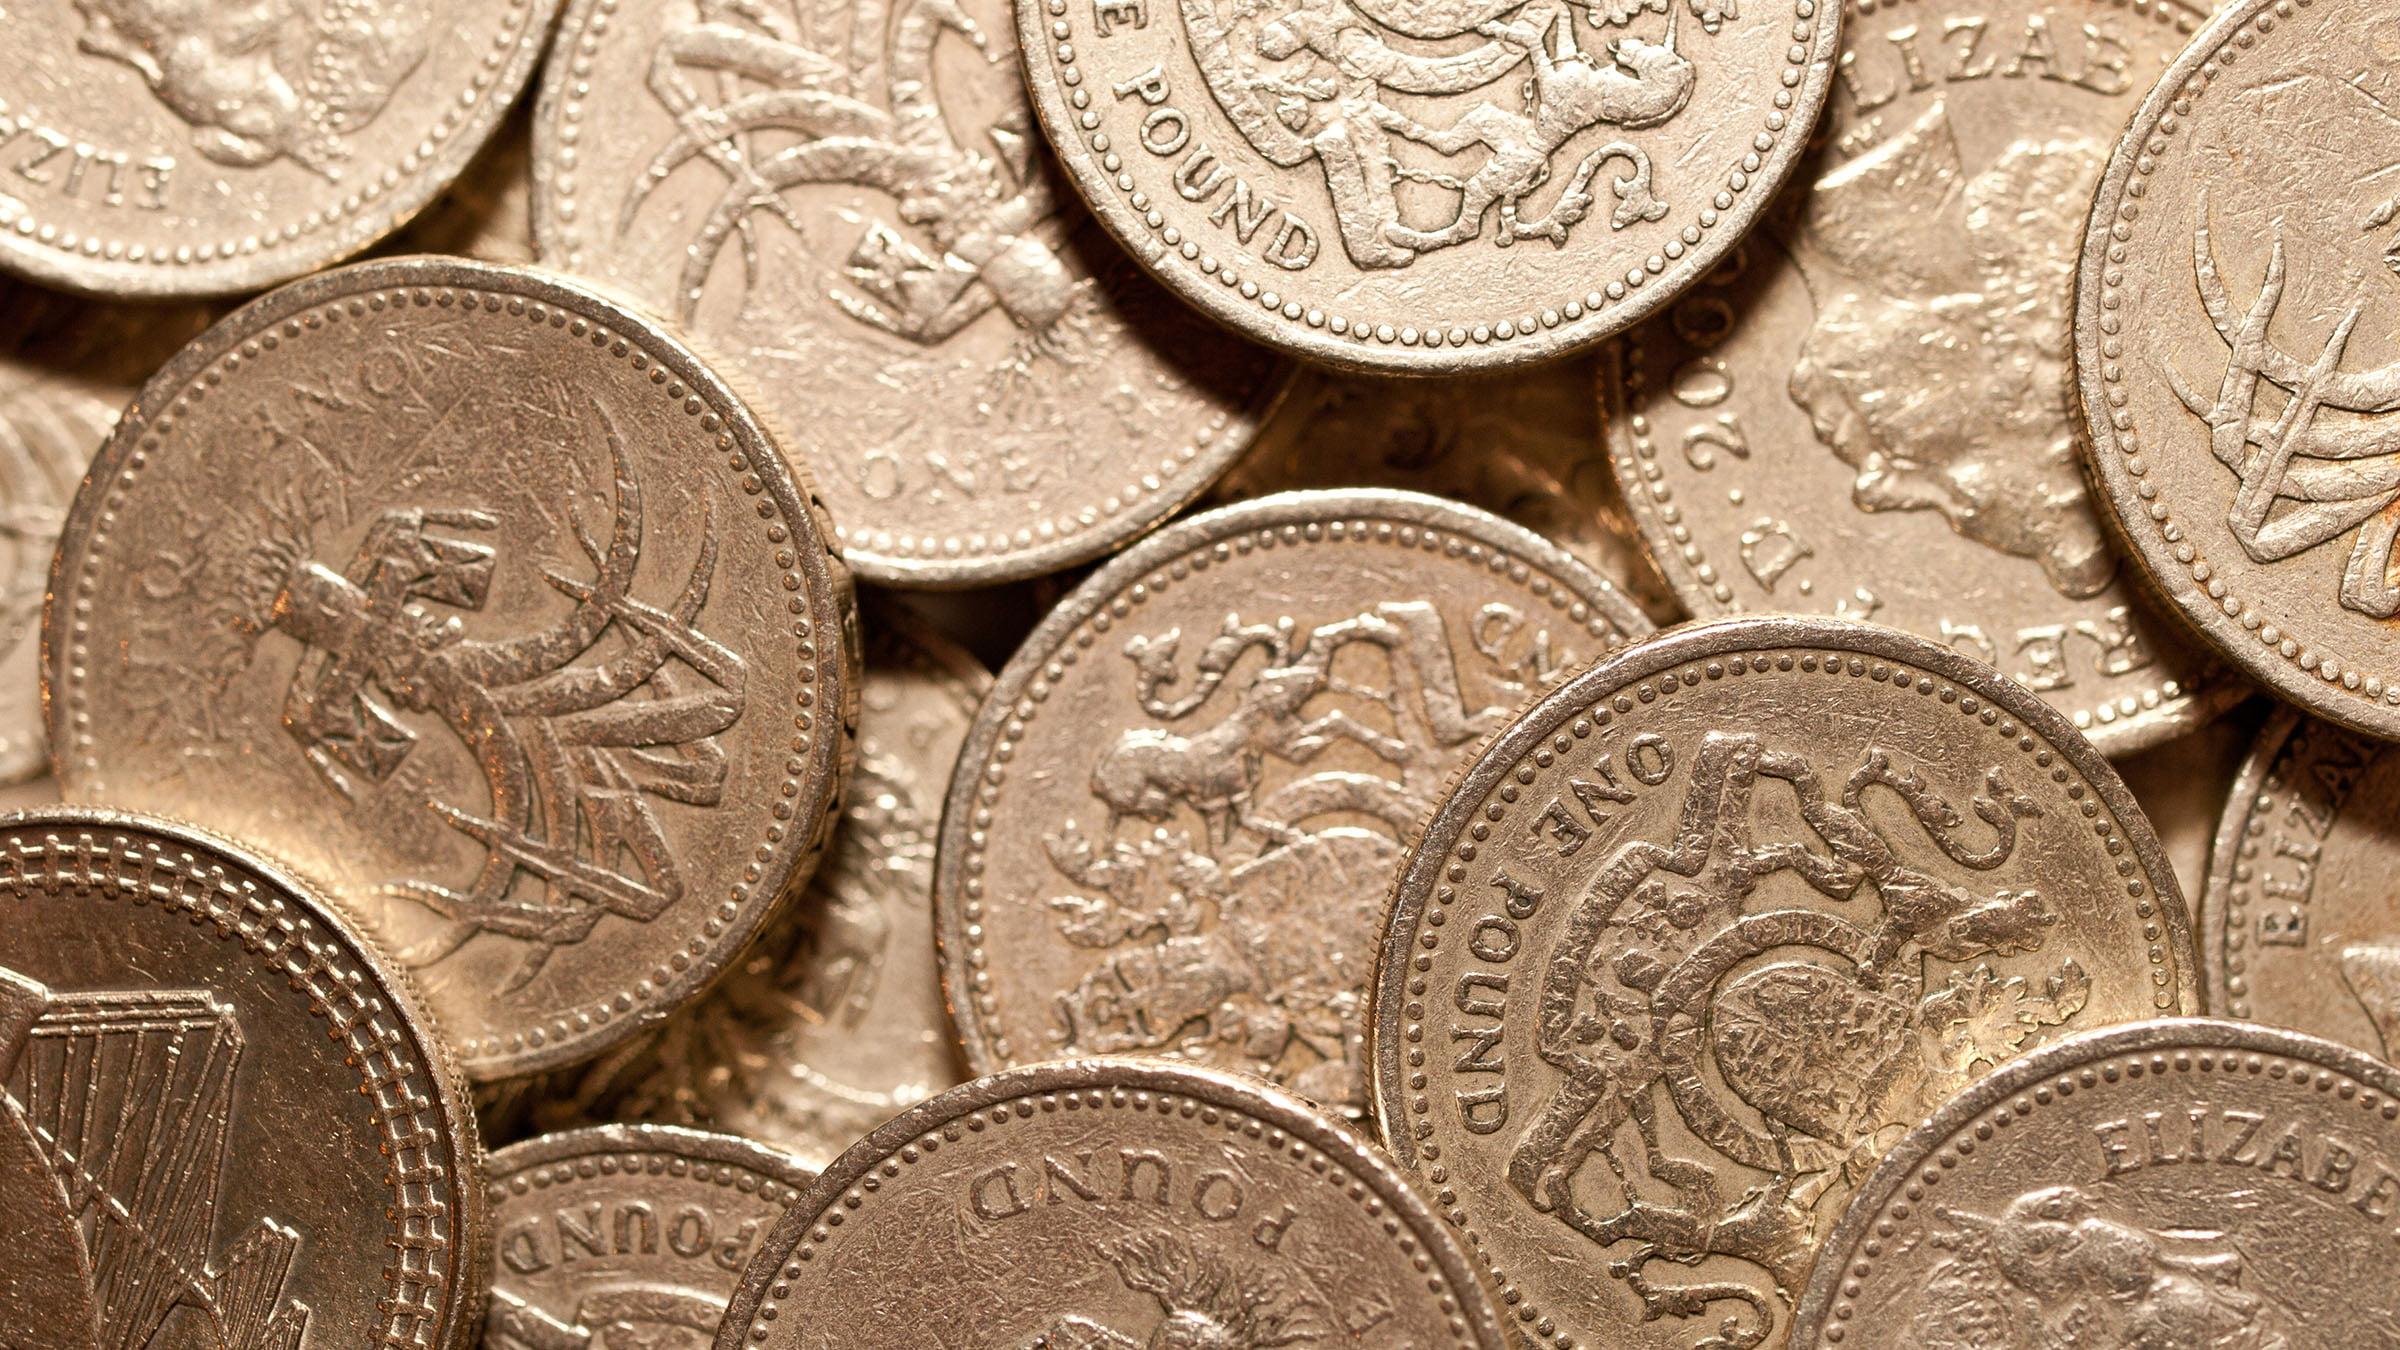 Inglaterra y su economía monedas